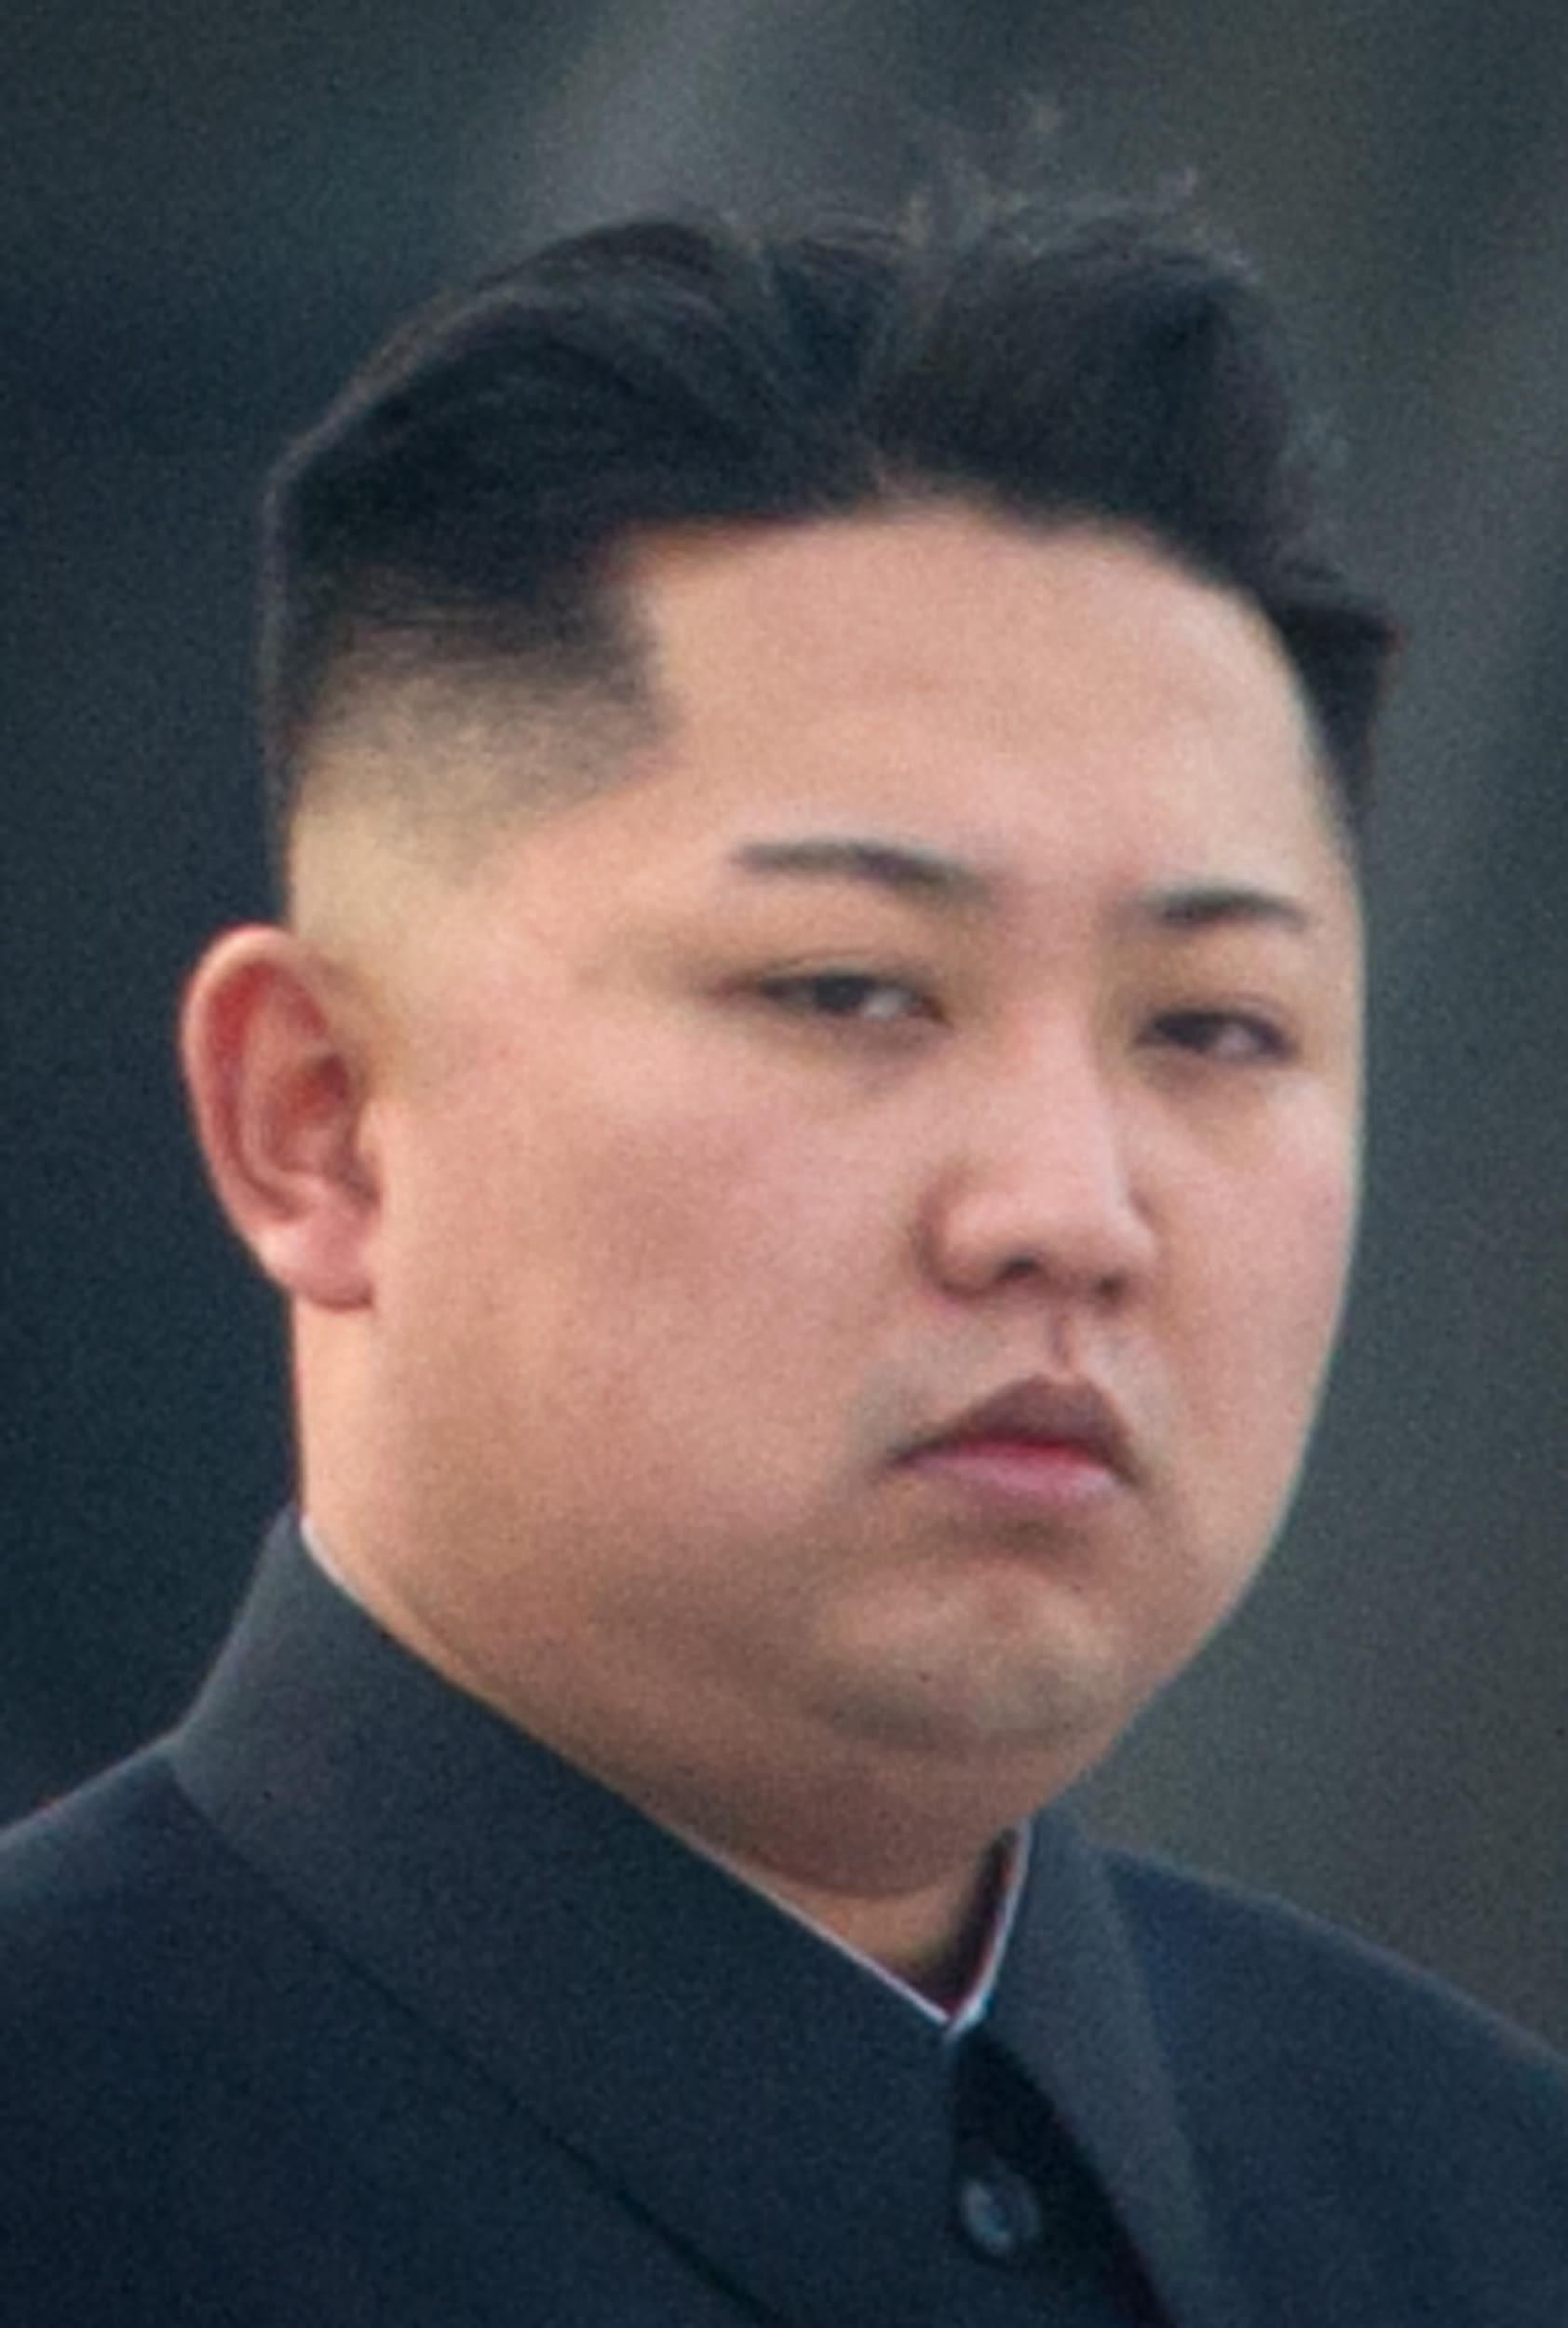 """كيم جونغ أون يُلوح بالنووي إذا تجرأ طرف بالتعدي على """"سيادة كوريا الشمالية"""""""